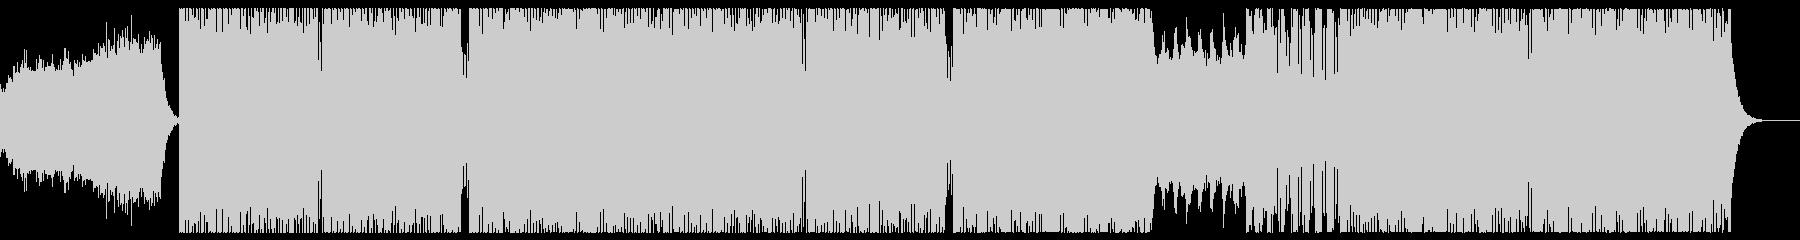 ダークで近未来的なSynth Waveの未再生の波形